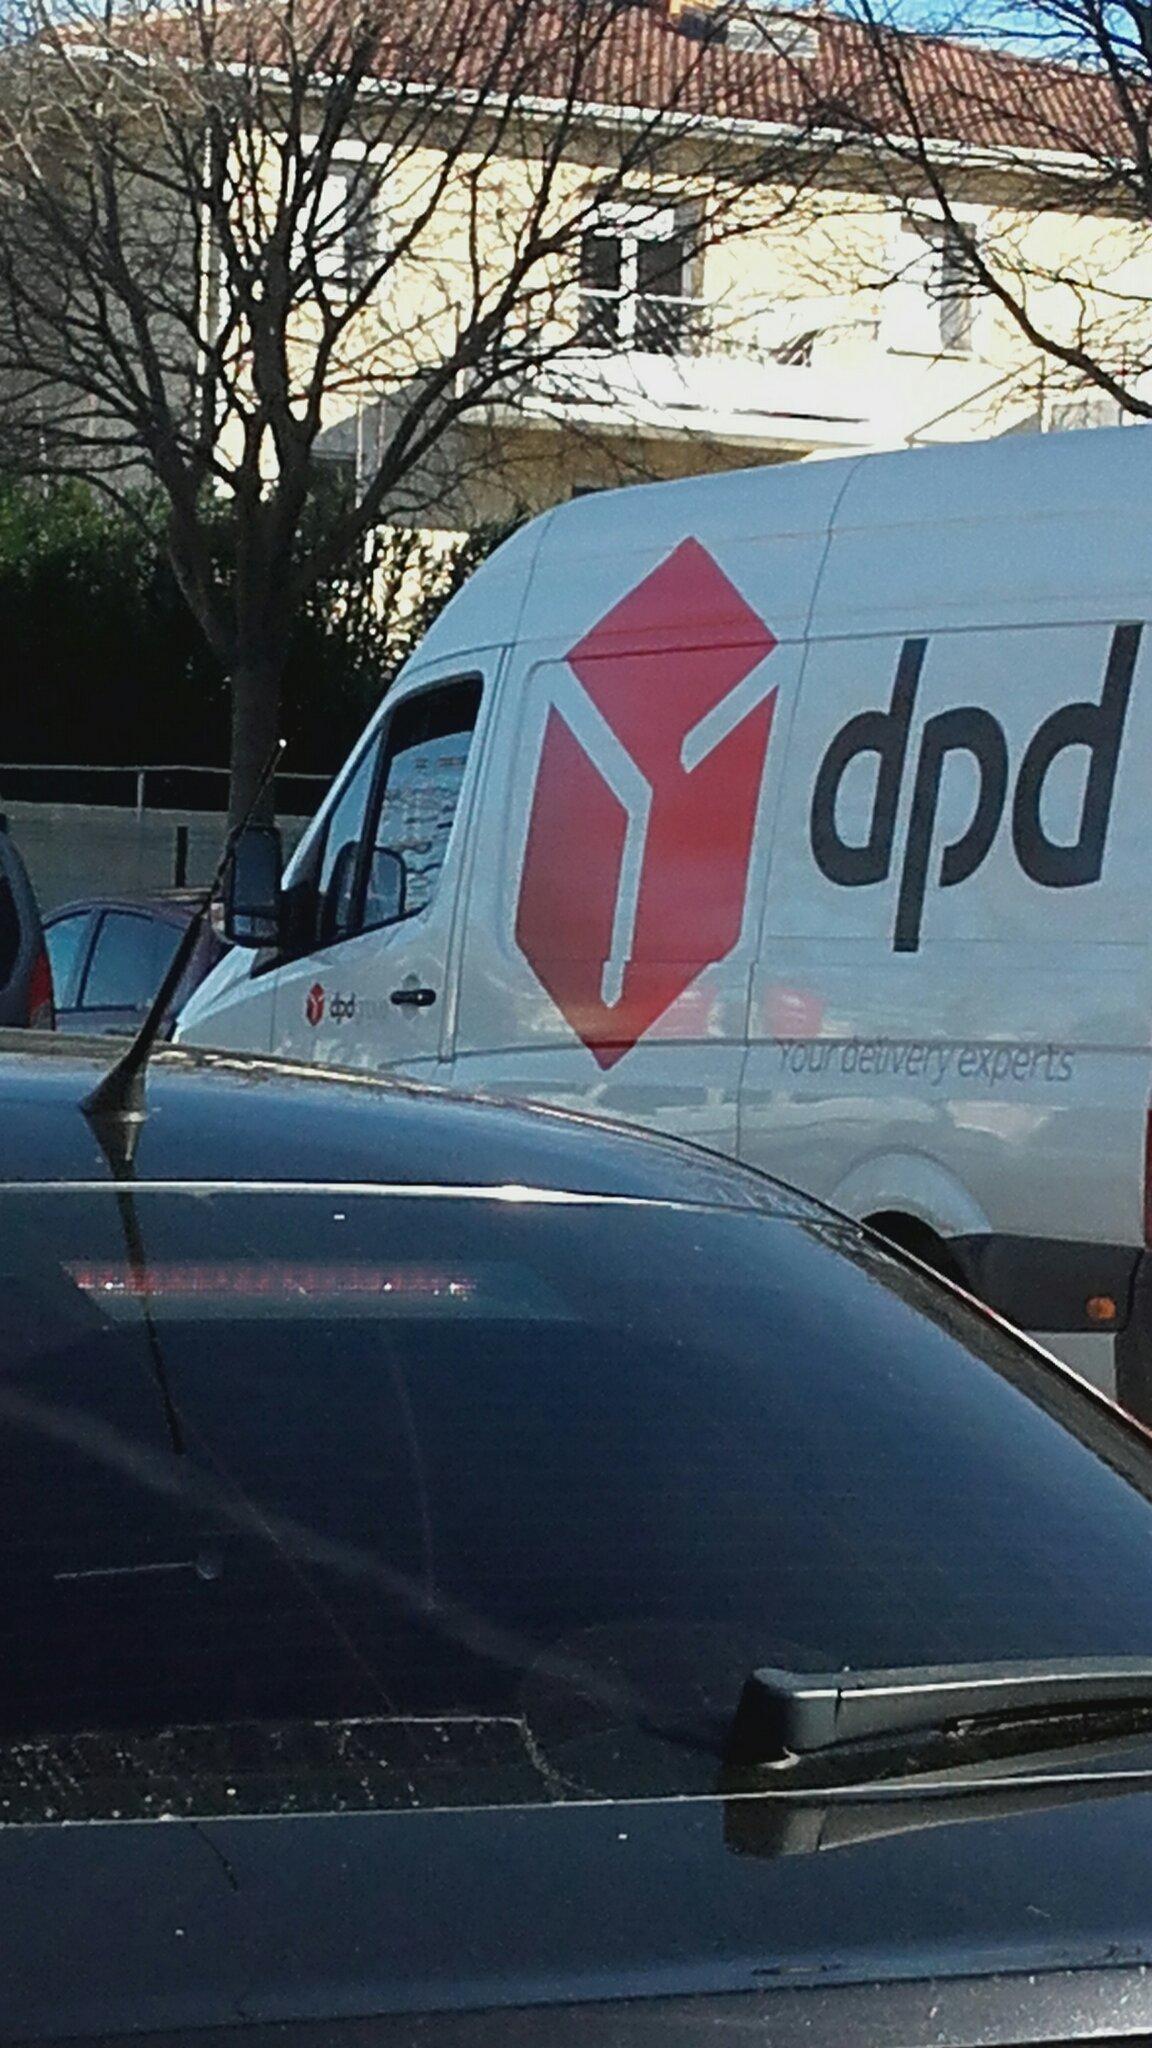 La livraison sera effectuée par DPD xD - meme